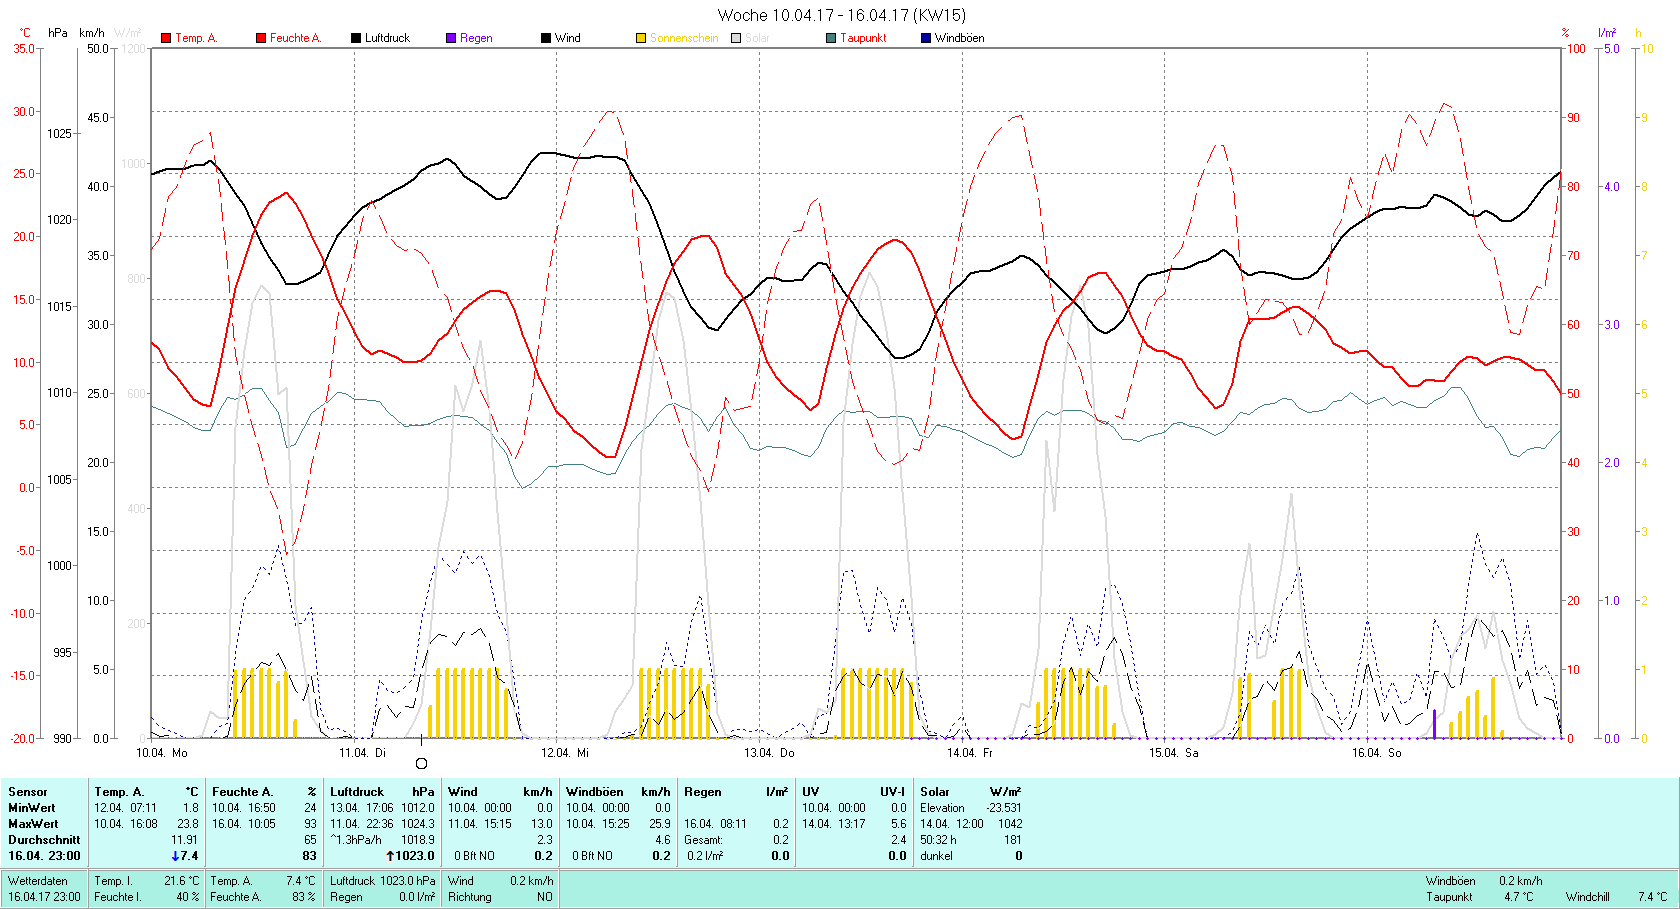 KW 15 Tmin 1.8°C, Tmax 23.8°C, Sonne 50:32h, Niederschlag 0.2mm/2